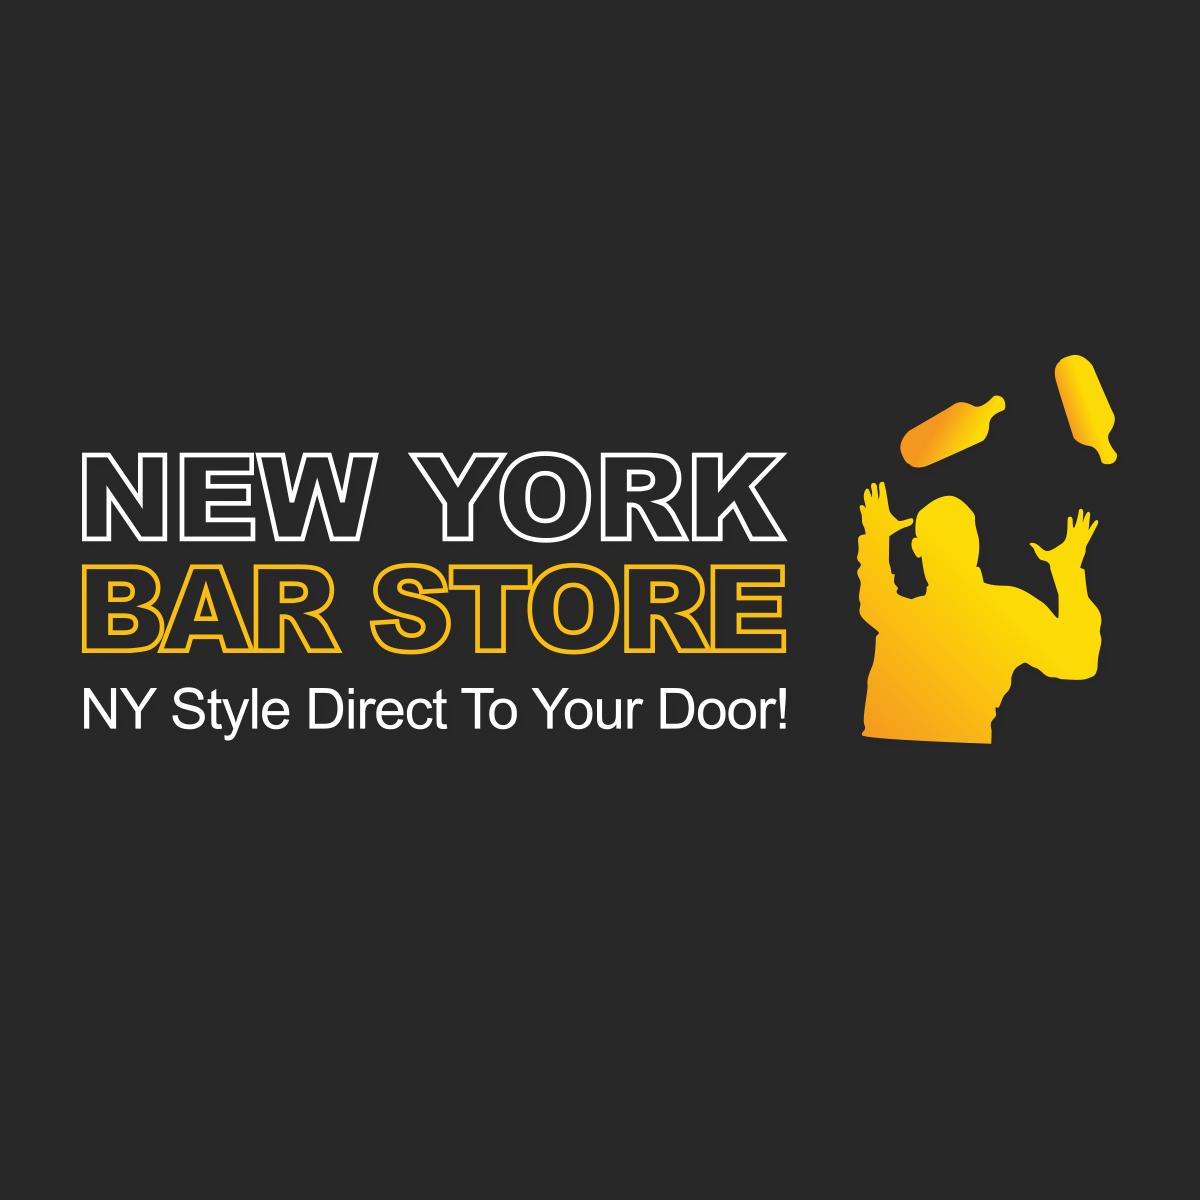 New York Bar Store - Bartending Affiliate Programs